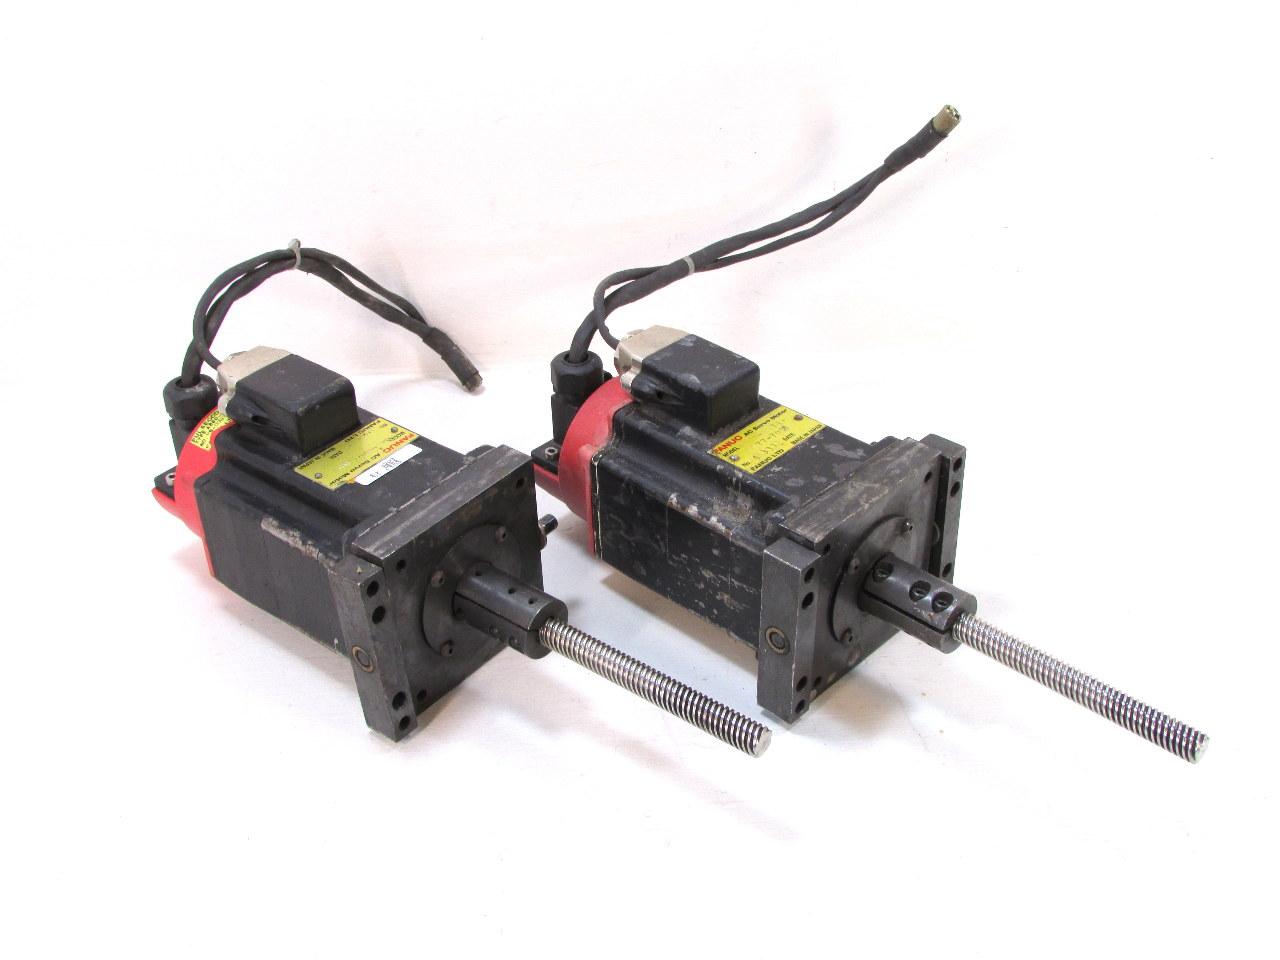 Qty 1 Fanuc A06b 0371 B577 7008 Ac Servo Motor Premier Equipment Solutions Inc